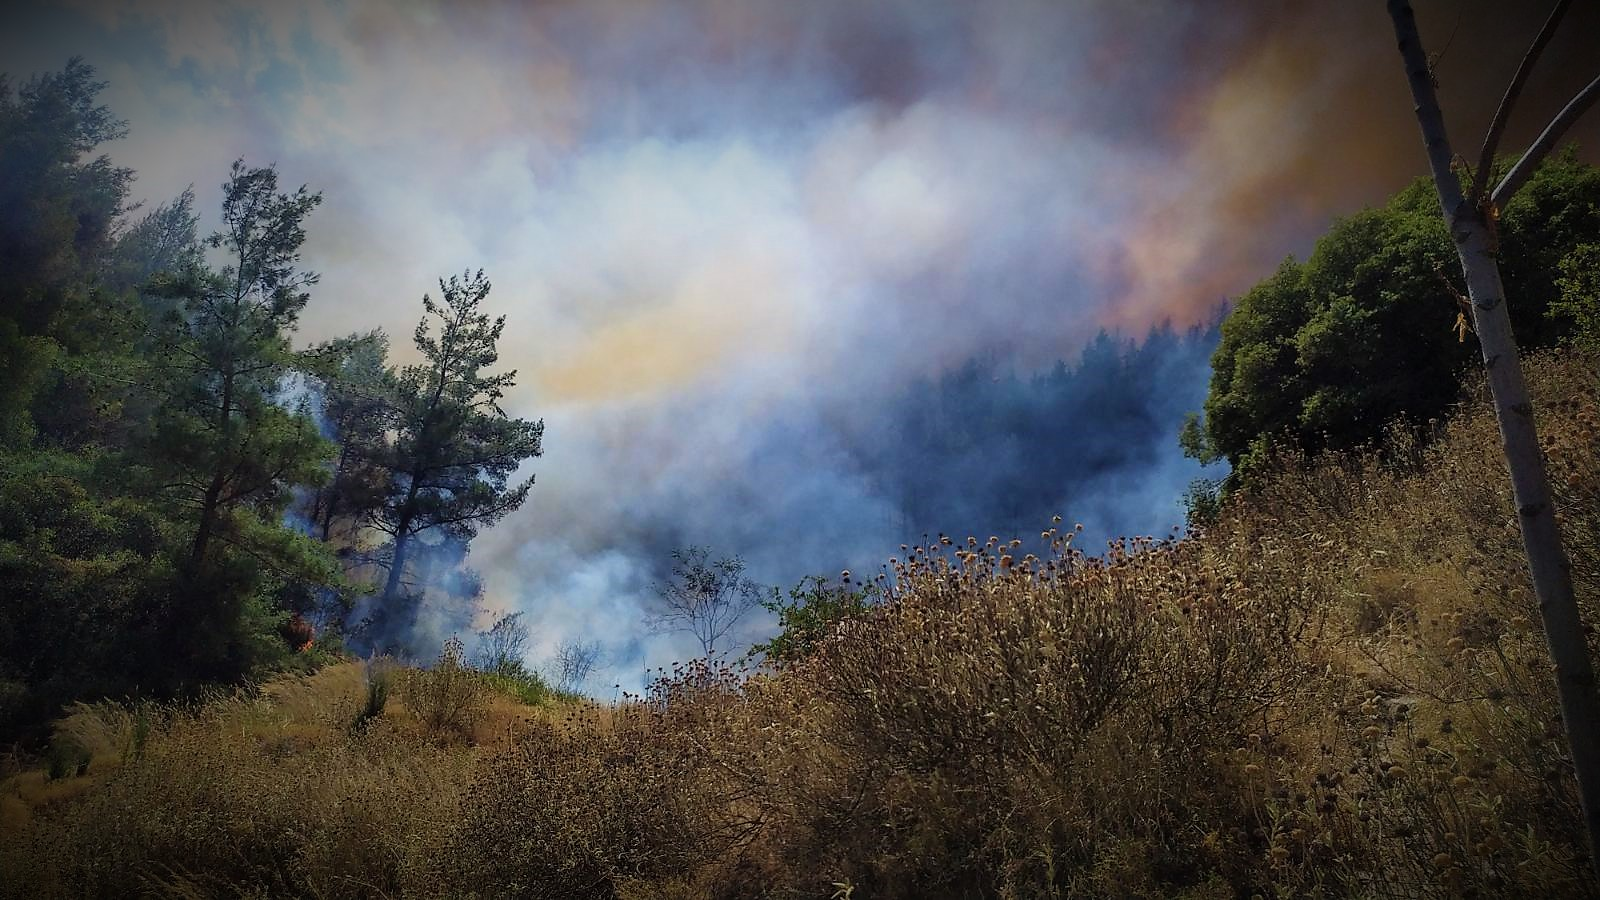 41 δασικές πυρκαγιές στην Ελλάδα μέσα σε ένα 24ωρο